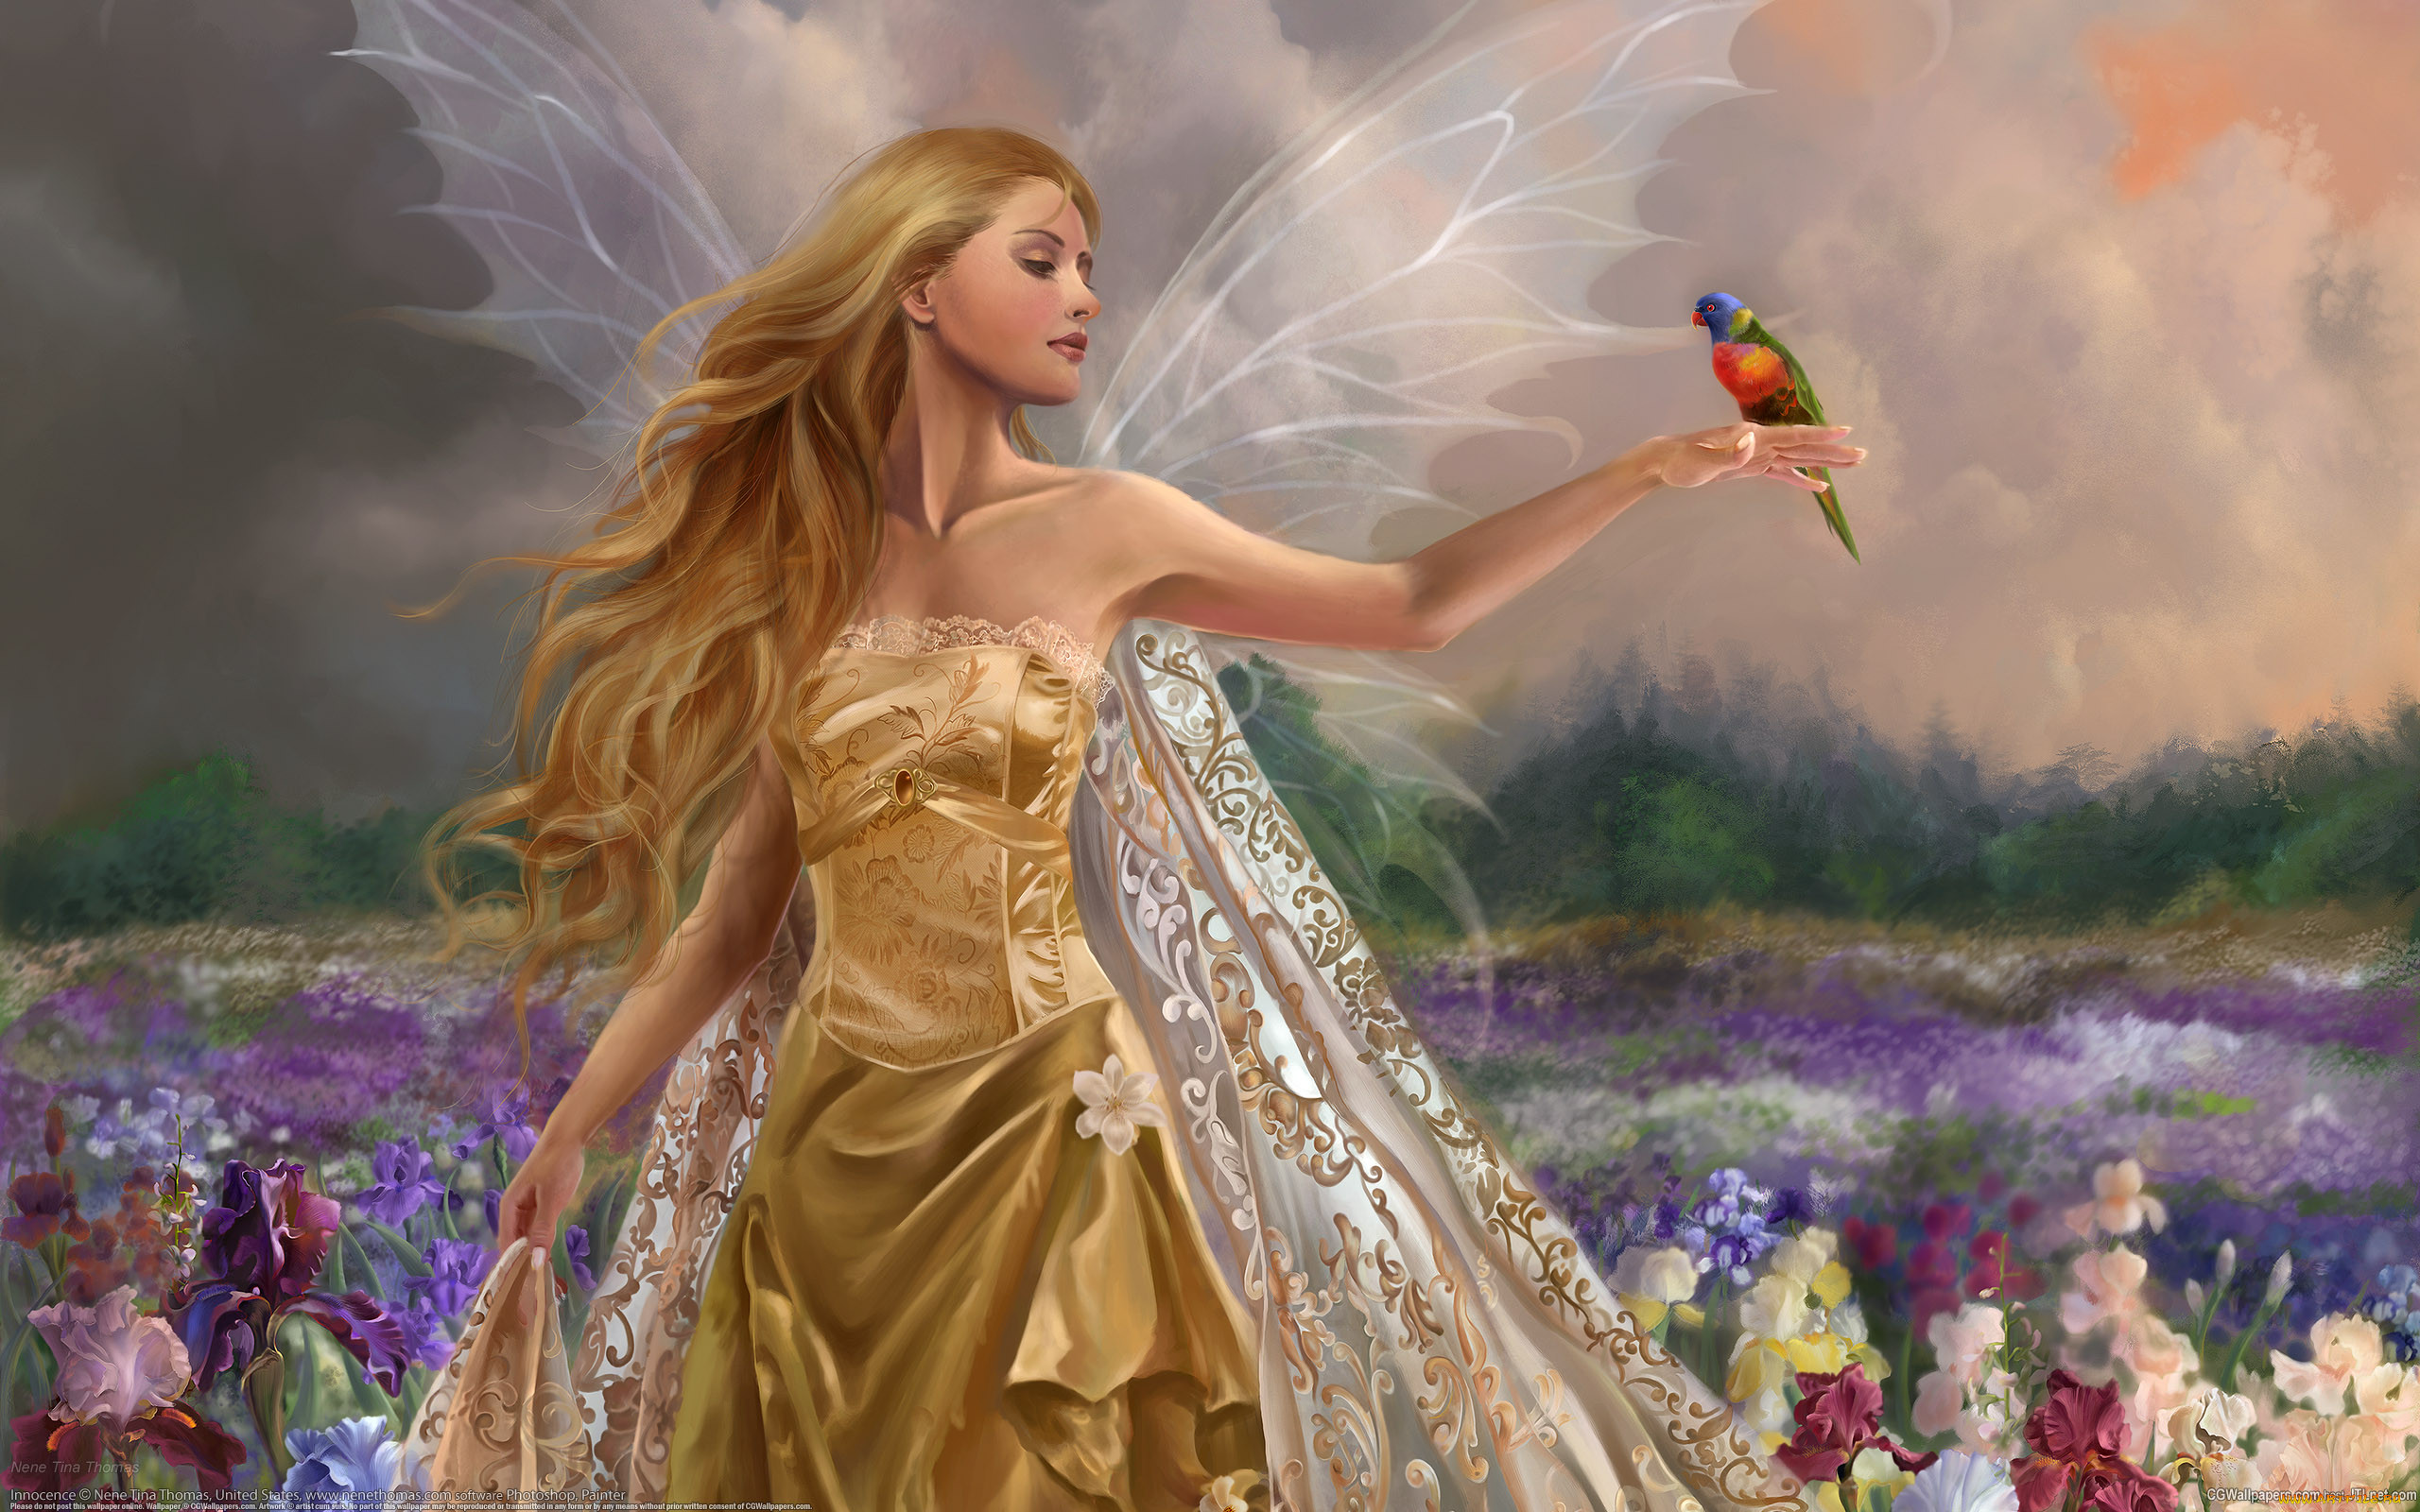 той технике фото фея ангел хорошего качества размещении саду